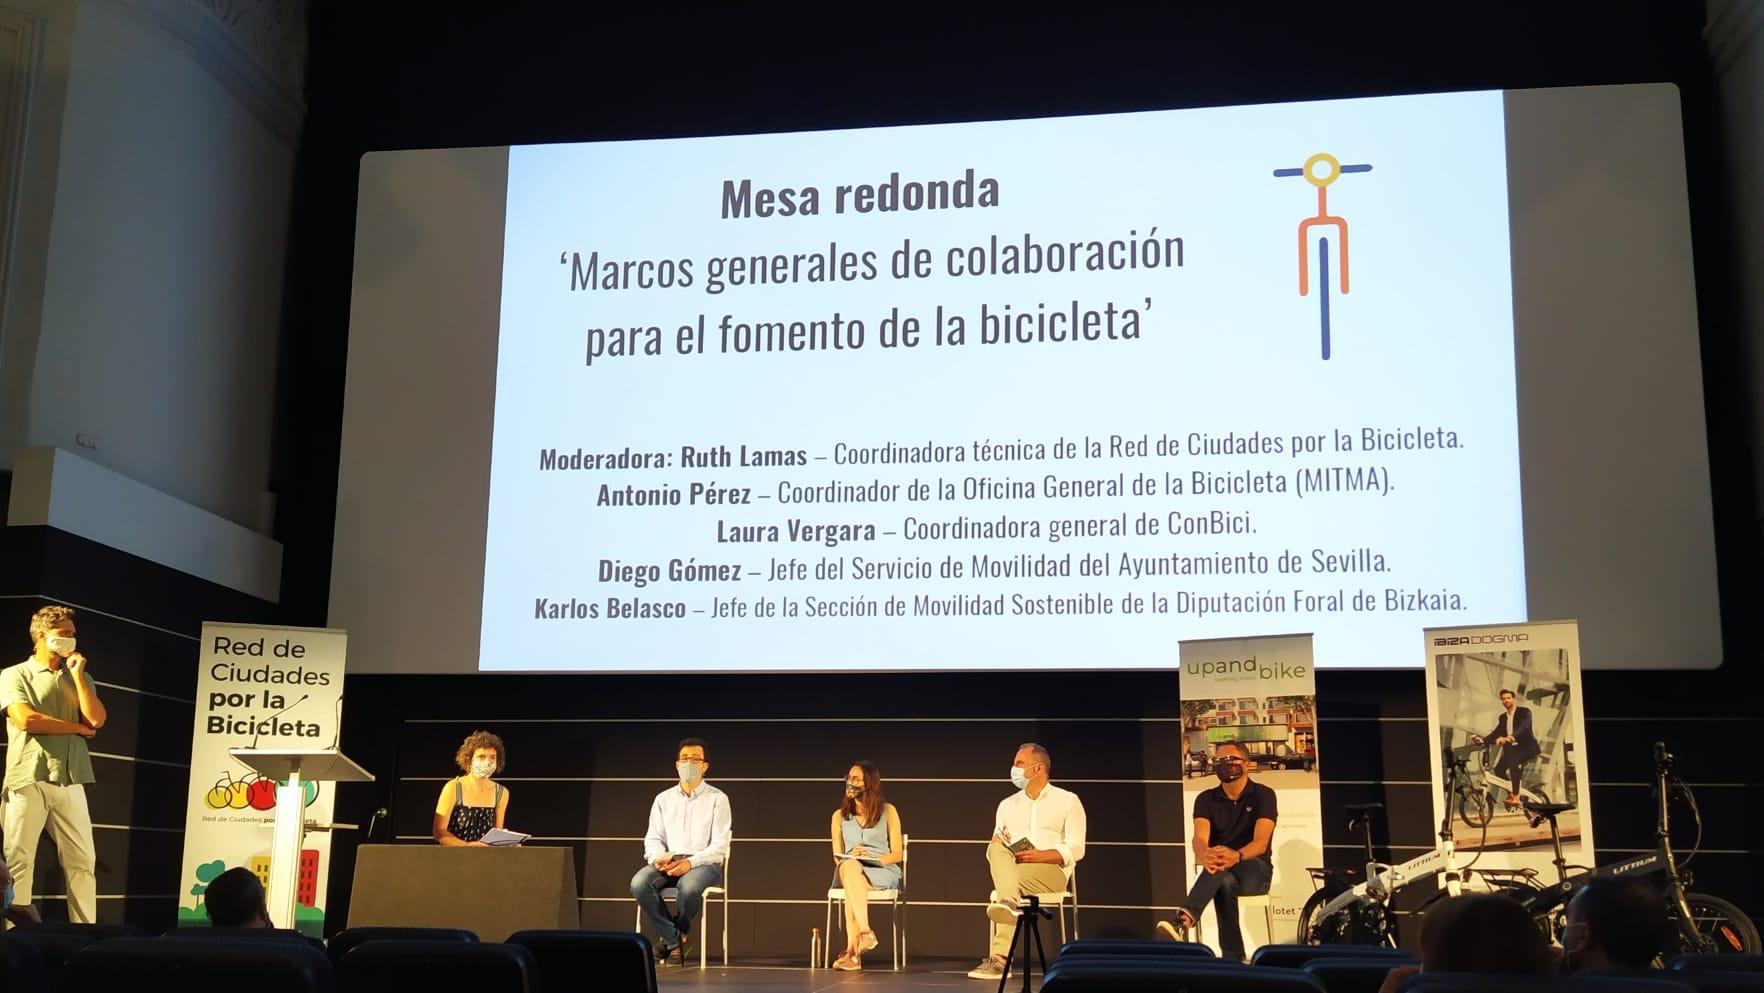 Foto mesa redonda del II Encuentro de la Bicicleta Urbana de Málaga - 30 Días en Bici